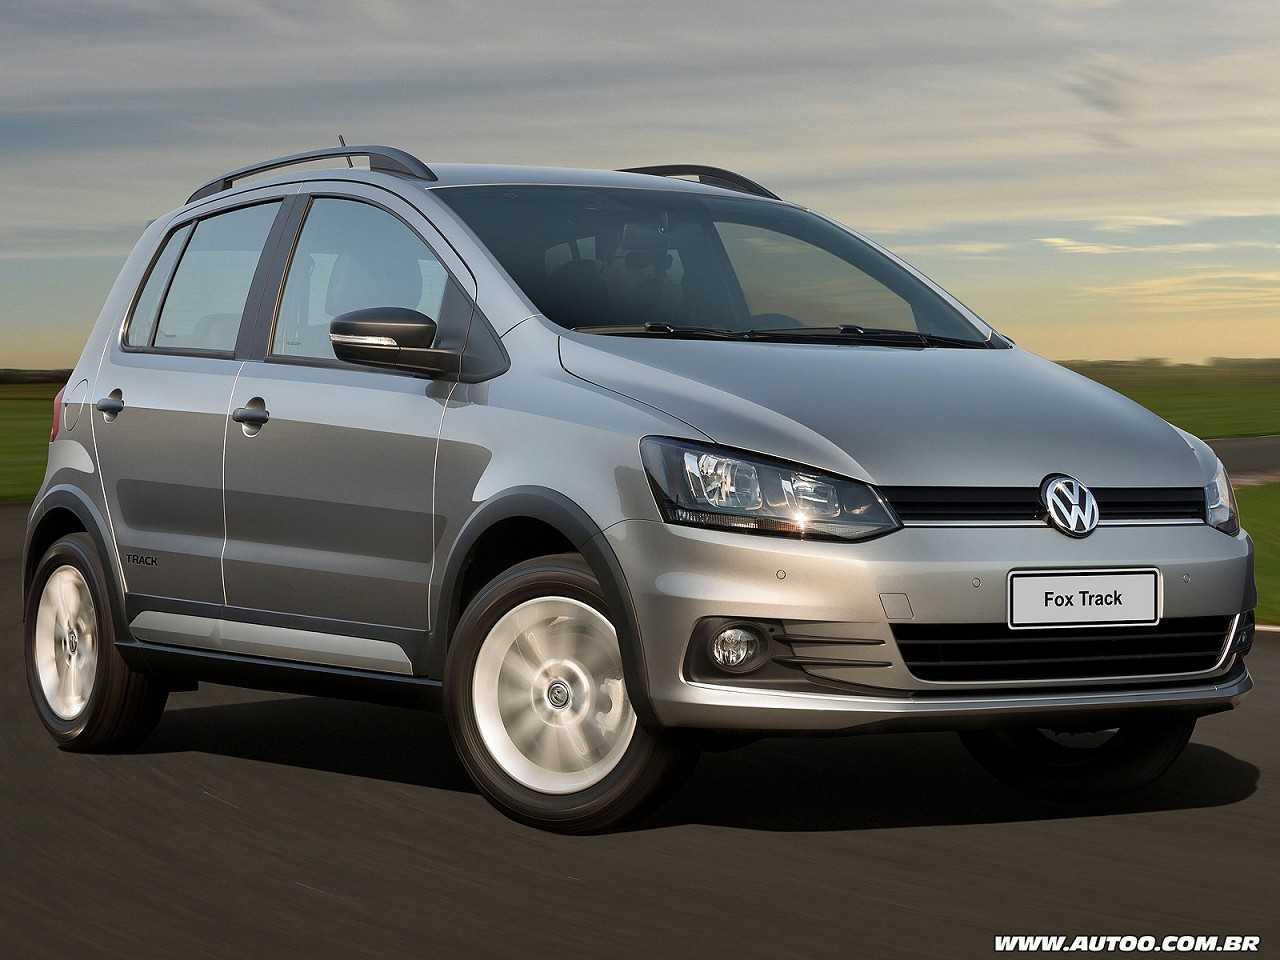 Volkswagen Fox 2017